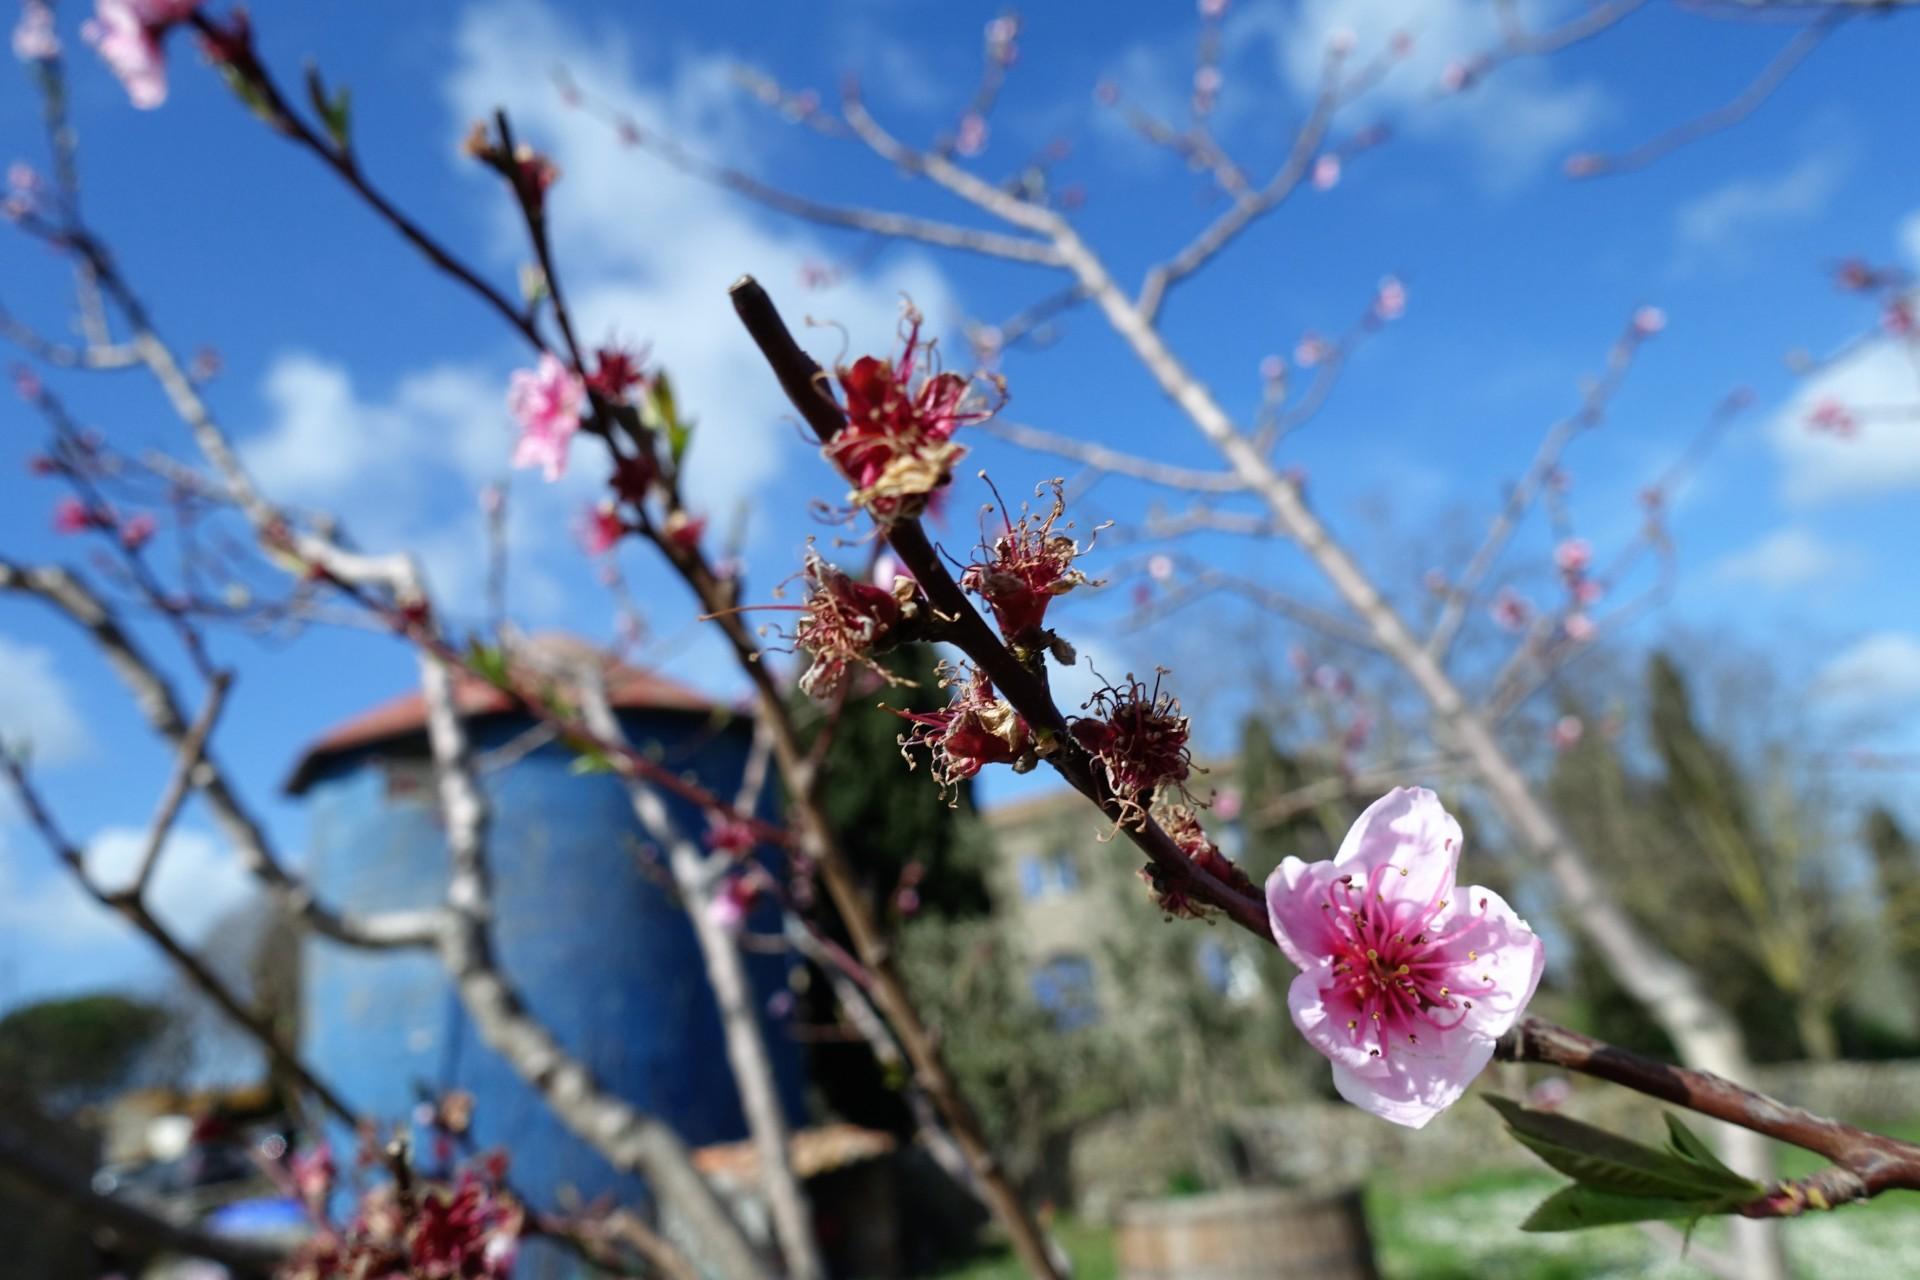 Pfirsichblüten, La Capitana Magliano